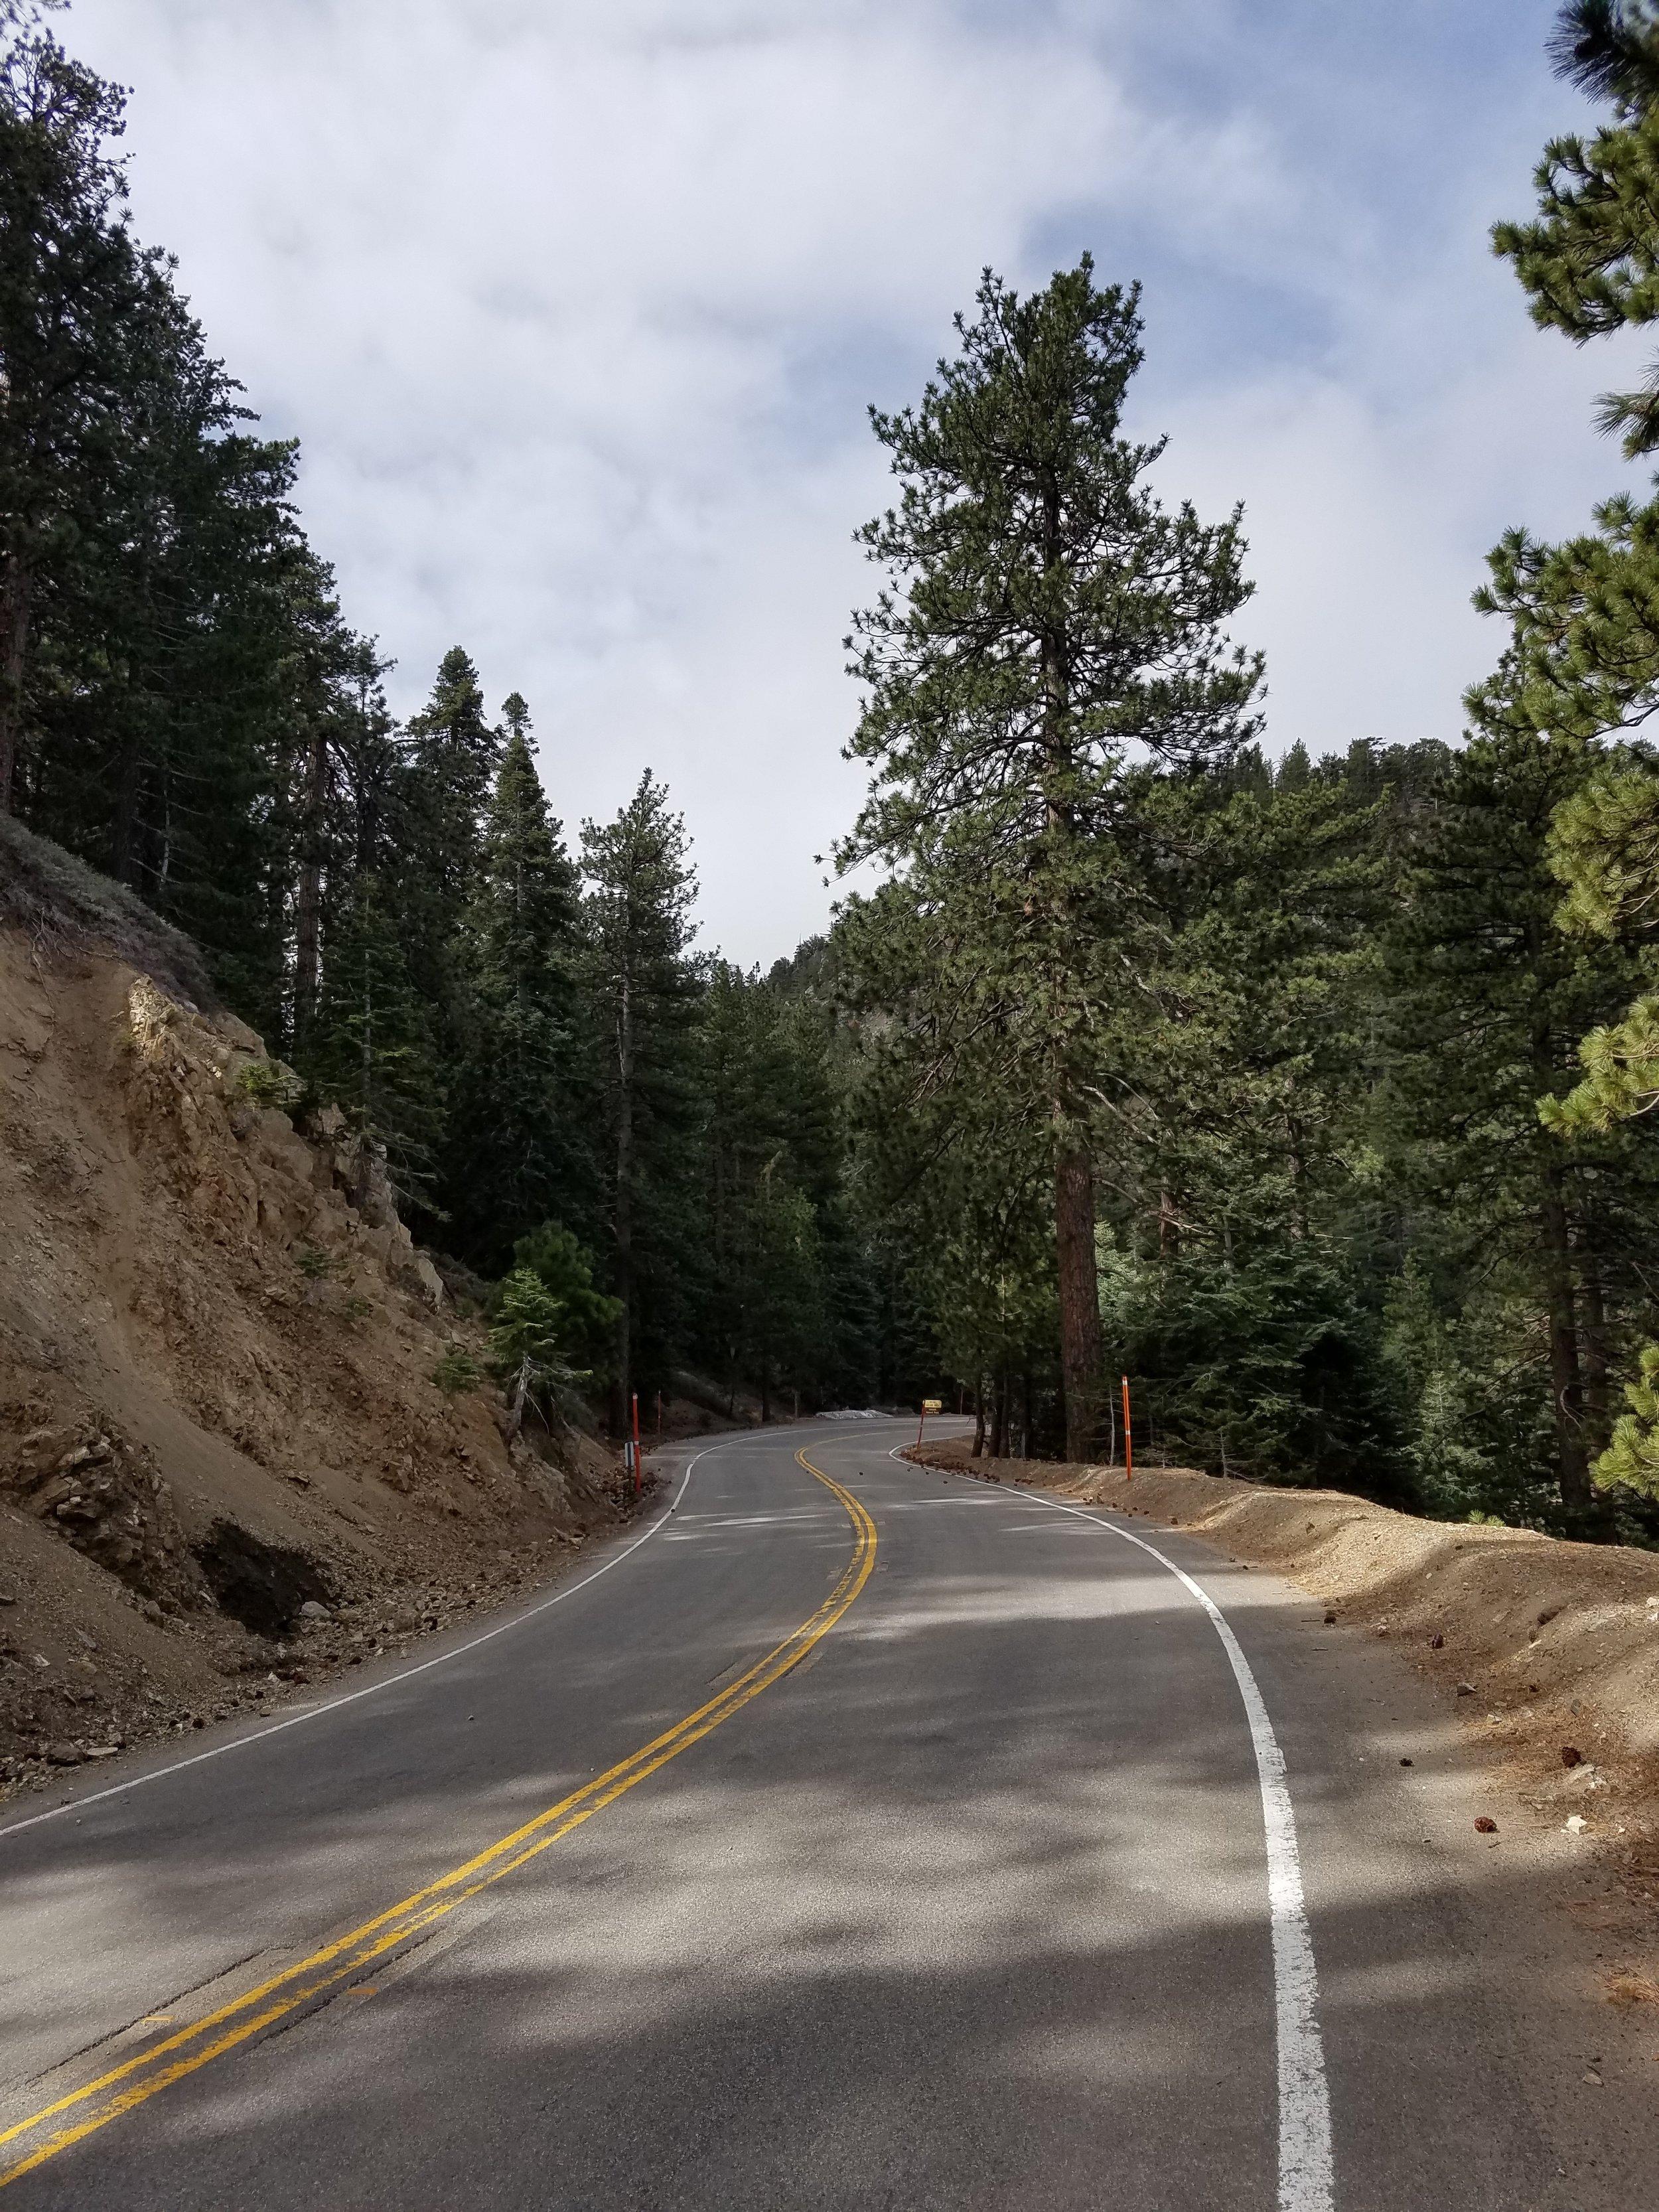 Road walking detour along the deserted Highway 2.